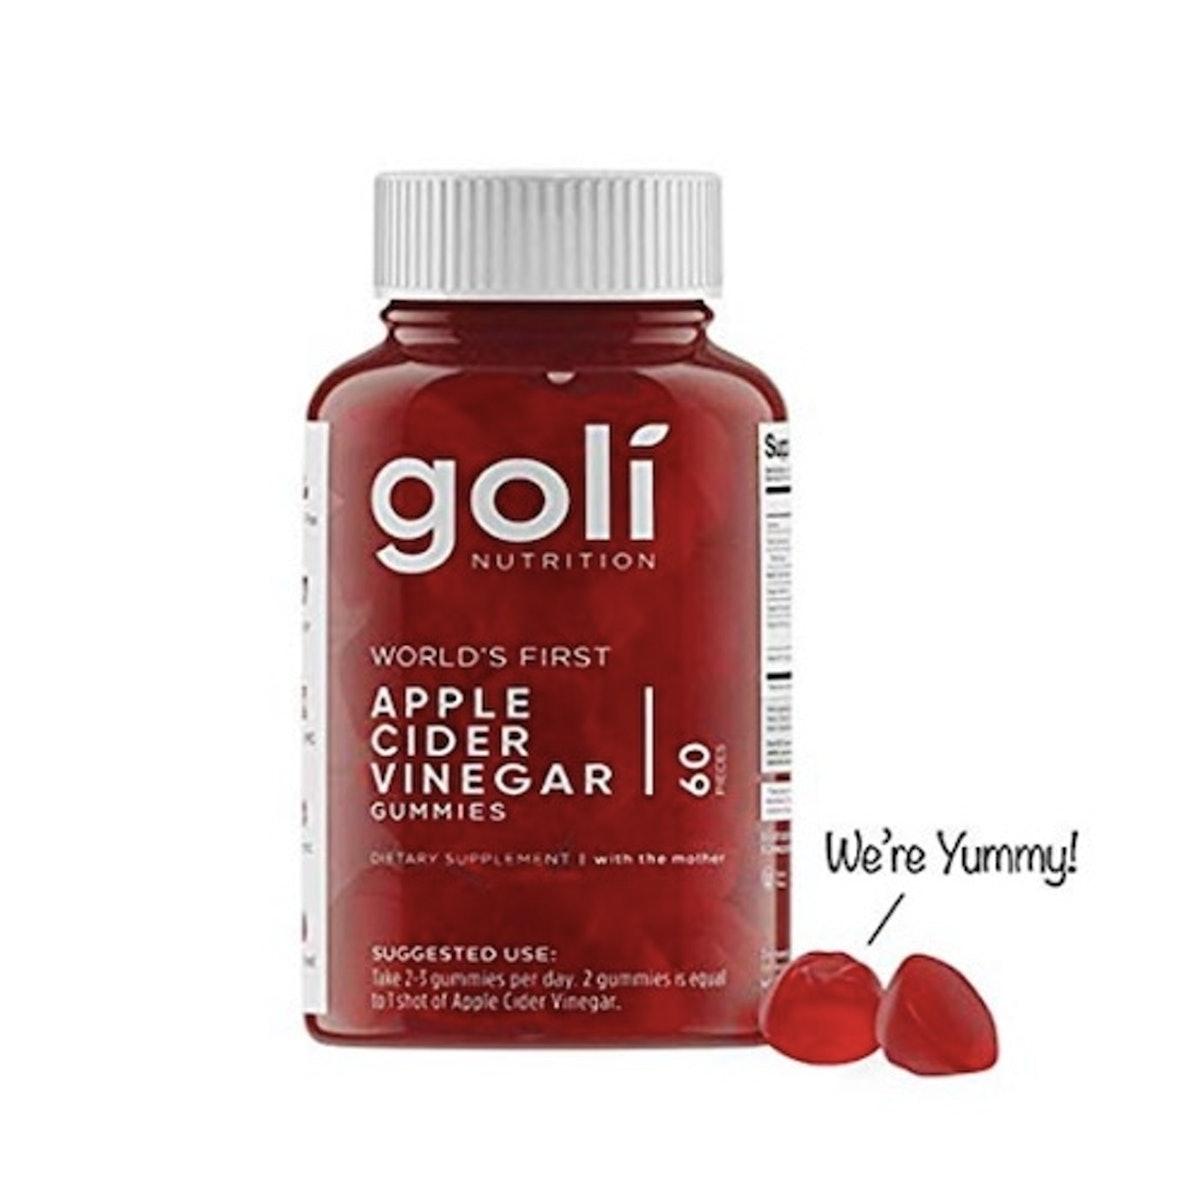 Goli Nutrition Apple Cider Vinegar Gummy Vitamins